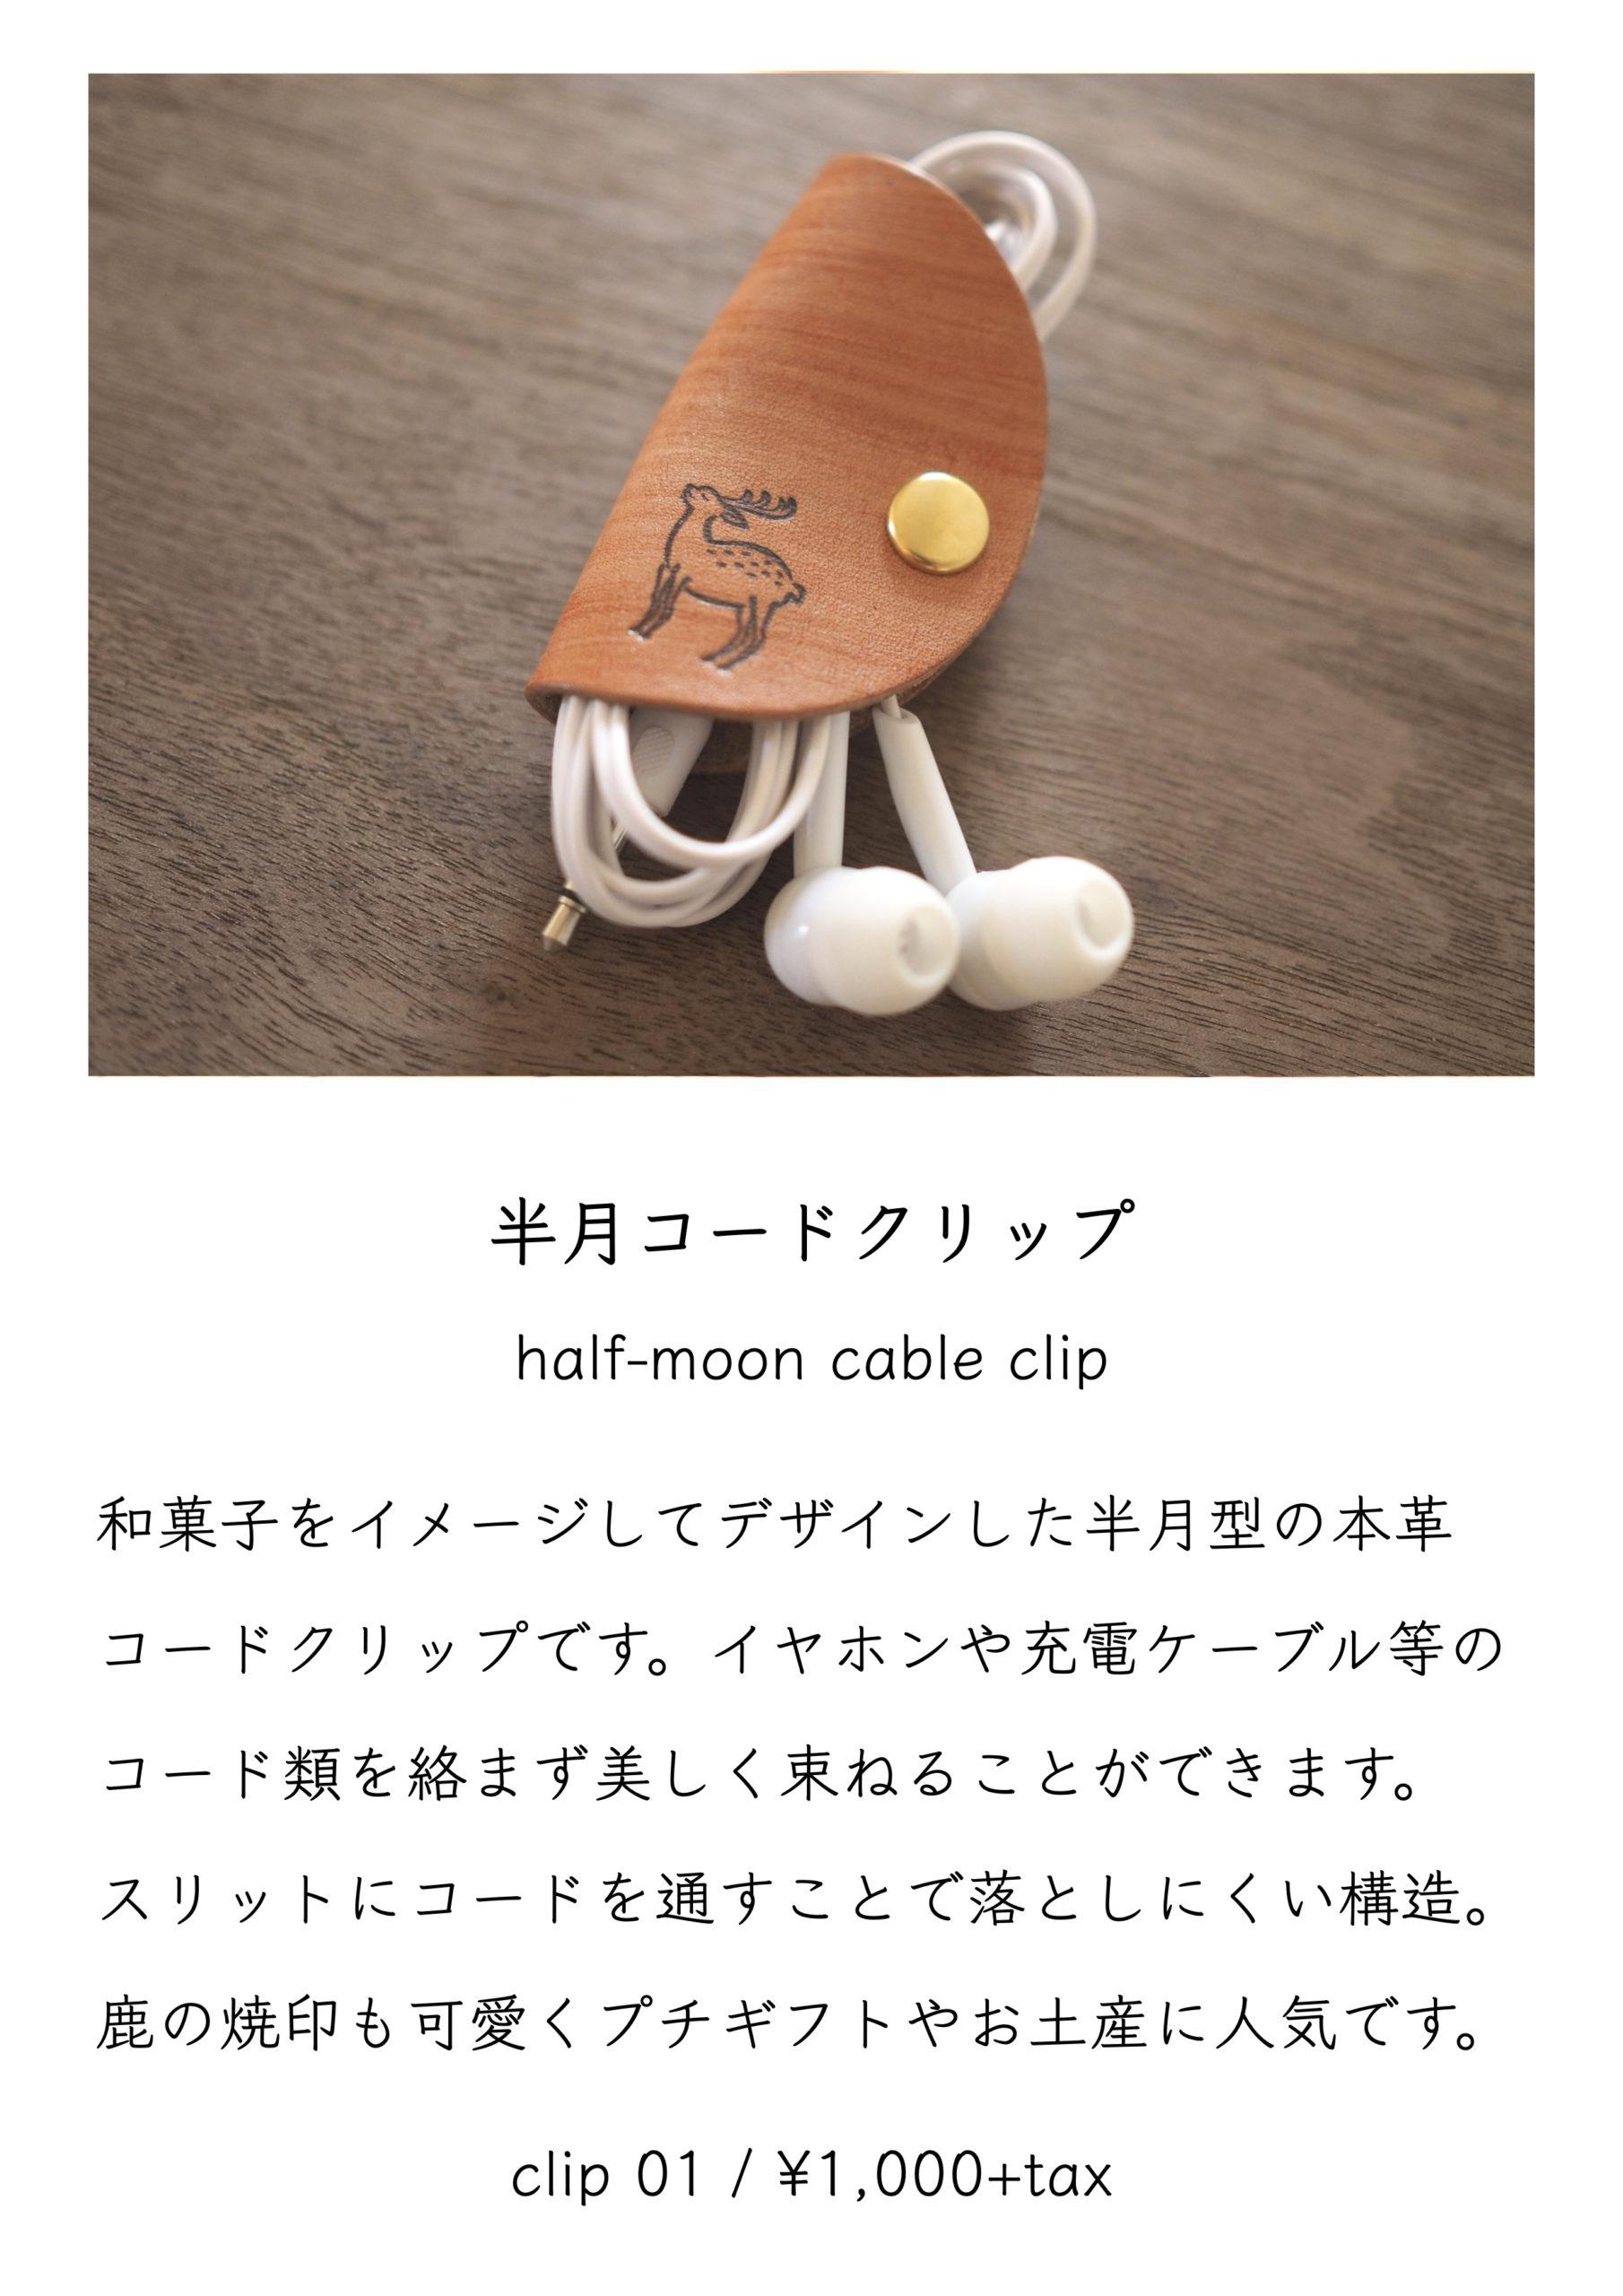 半月 コードクリップ 和菓子デザイン 鹿マーク